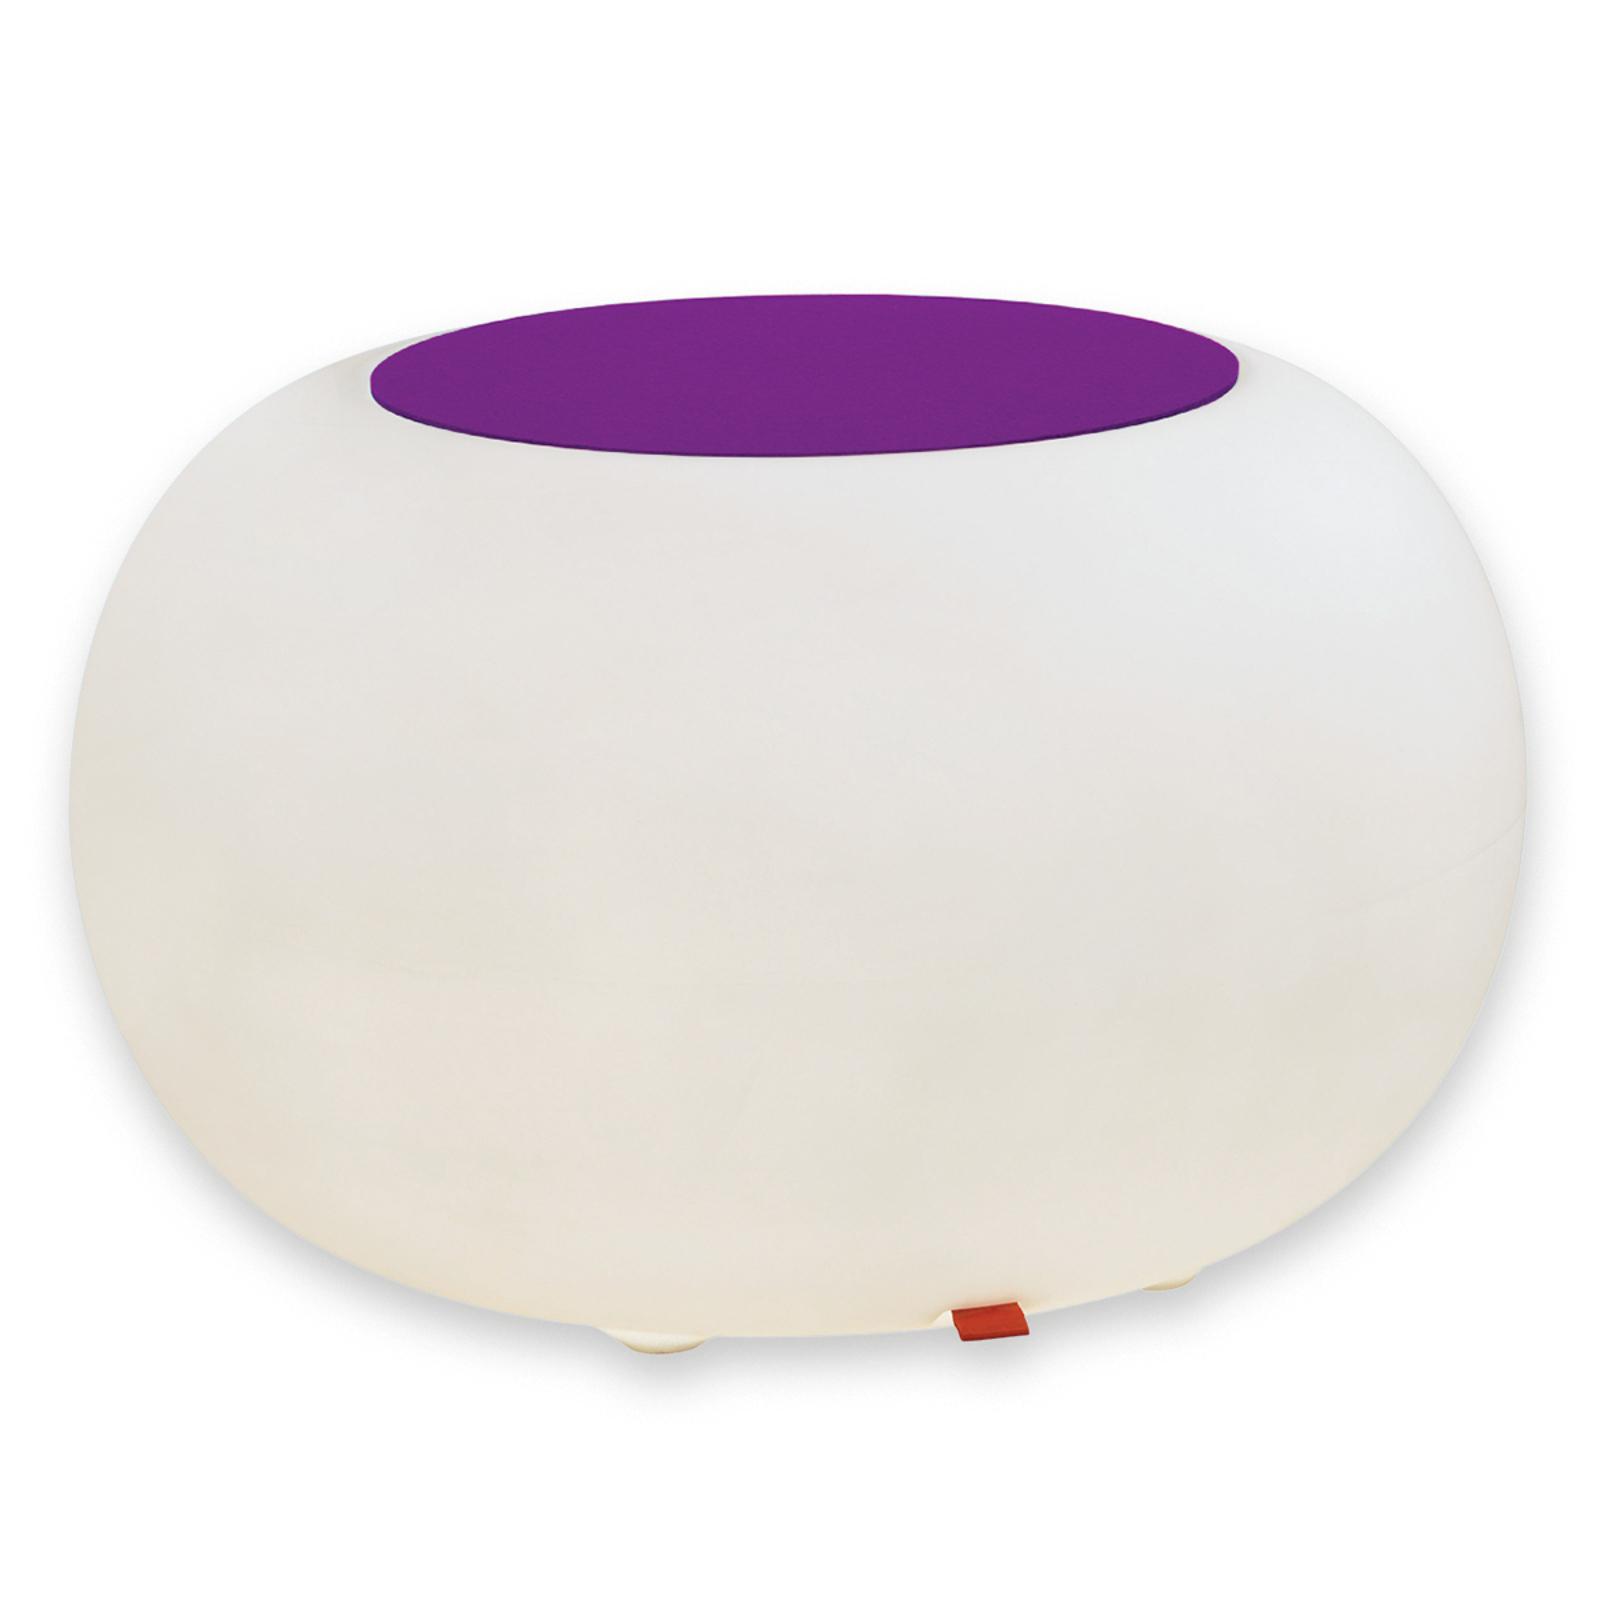 Bijzettafel BUBBLE, RGB-LED met violet vilt